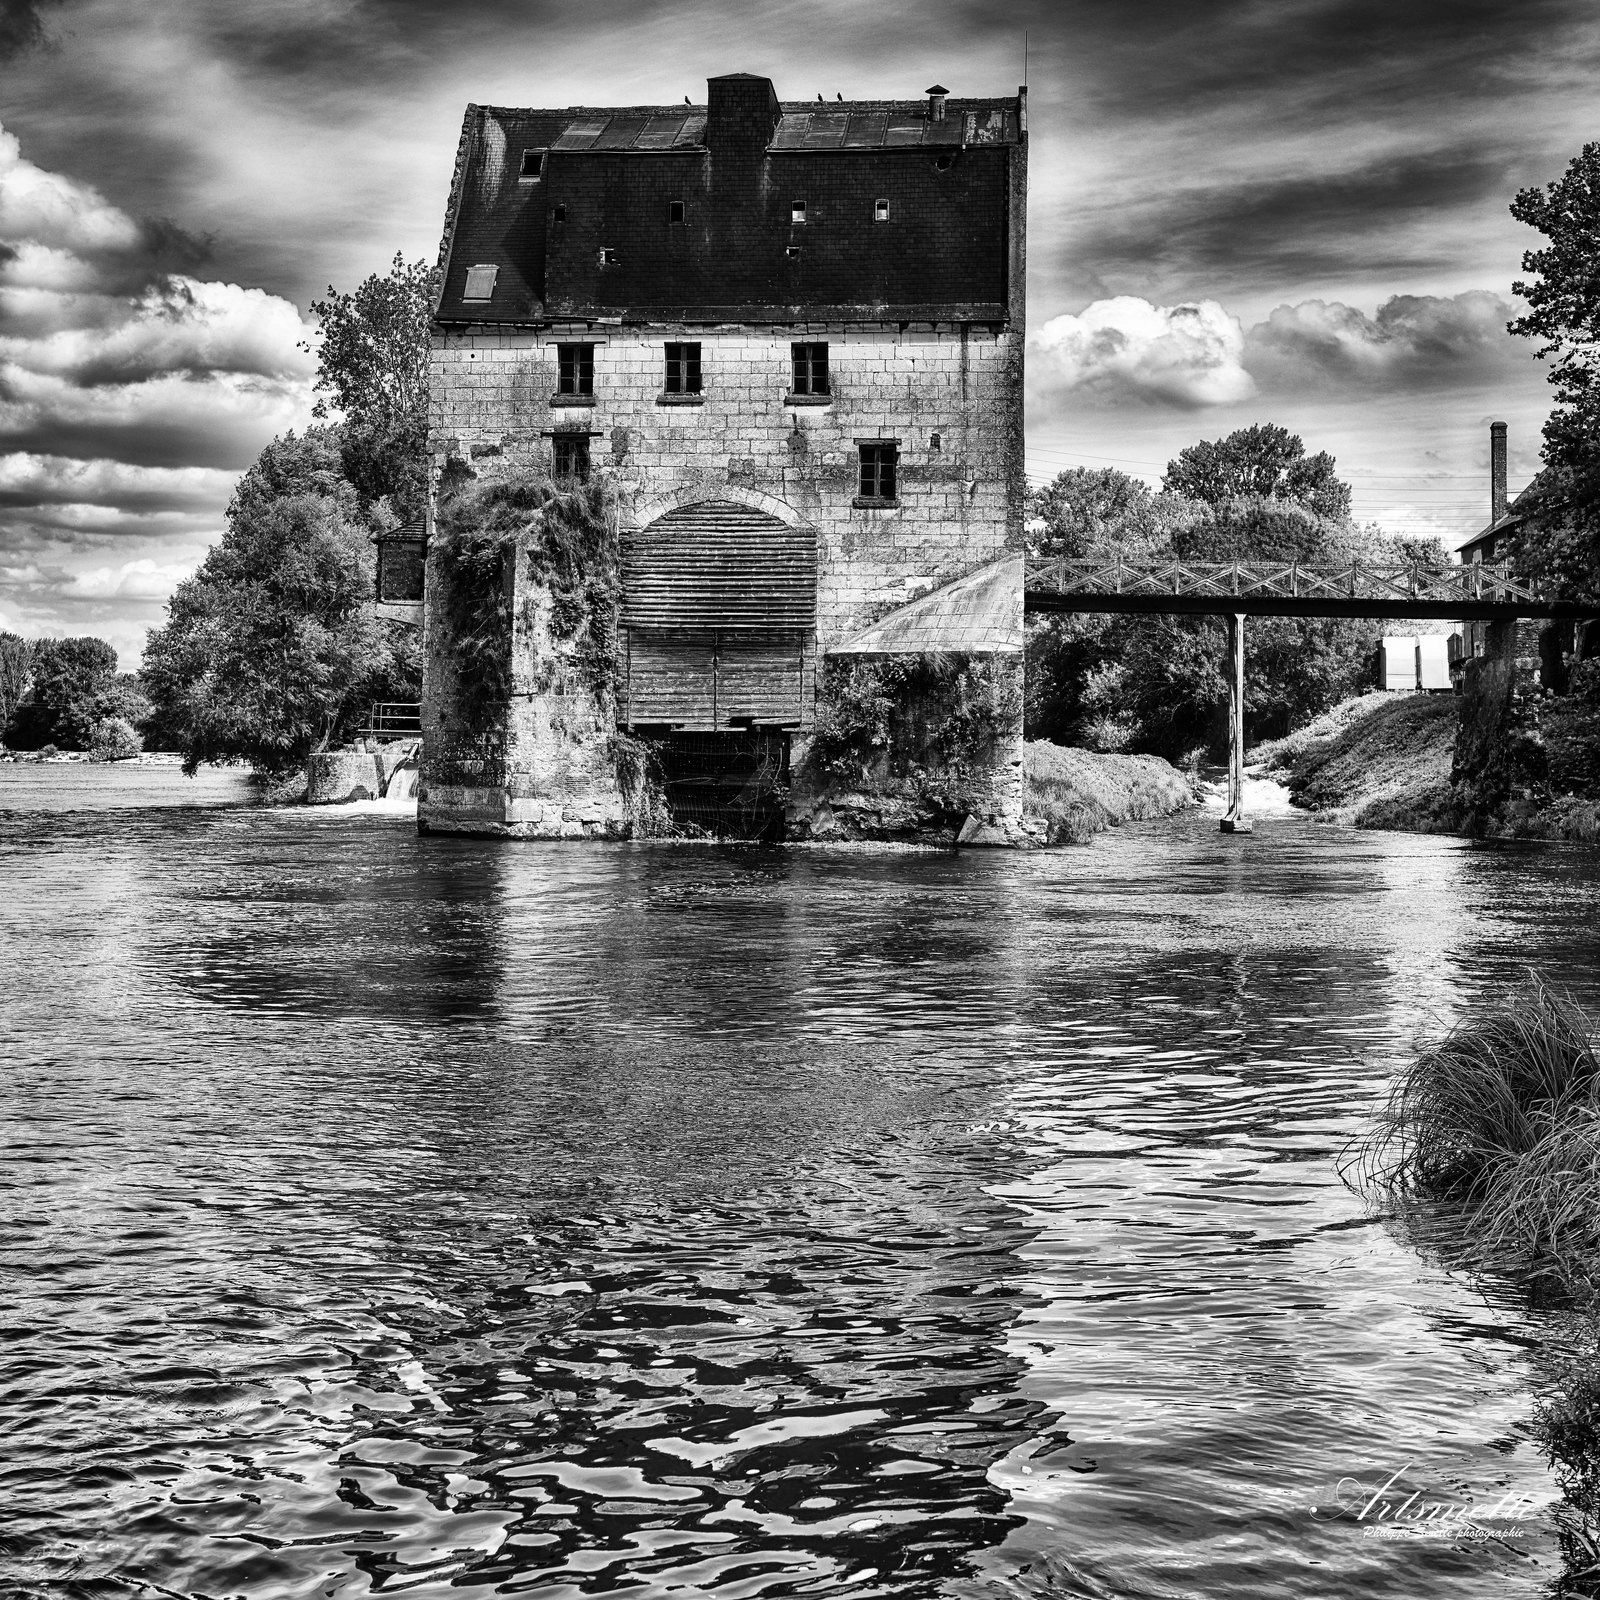 Le grand moulin - Balla - Indre-et-Loire